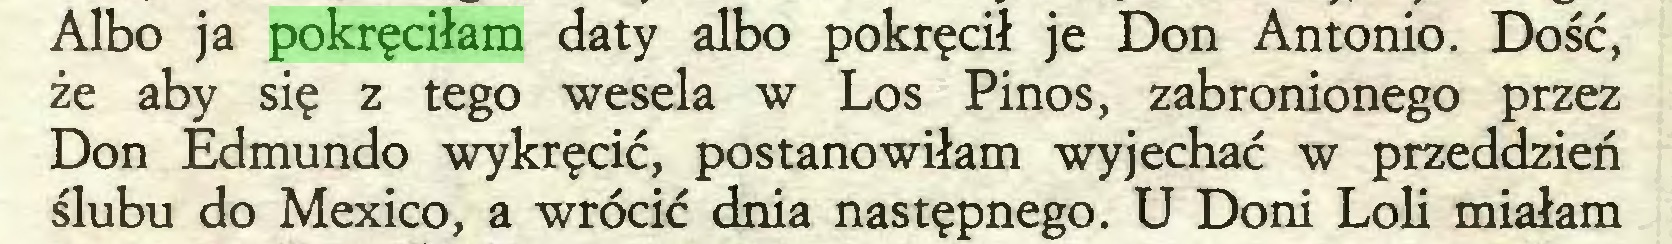 (...) Albo ja pokręciłam daty albo pokręcił je Don Antonio. Dość, że aby się z tego wesela w Los Pinos, zabronionego przez Don Edmundo wykręcić, postanowiłam wyjechać w przeddzień ślubu do Mexico, a wrócić dnia następnego. U Doni Loli miałam...